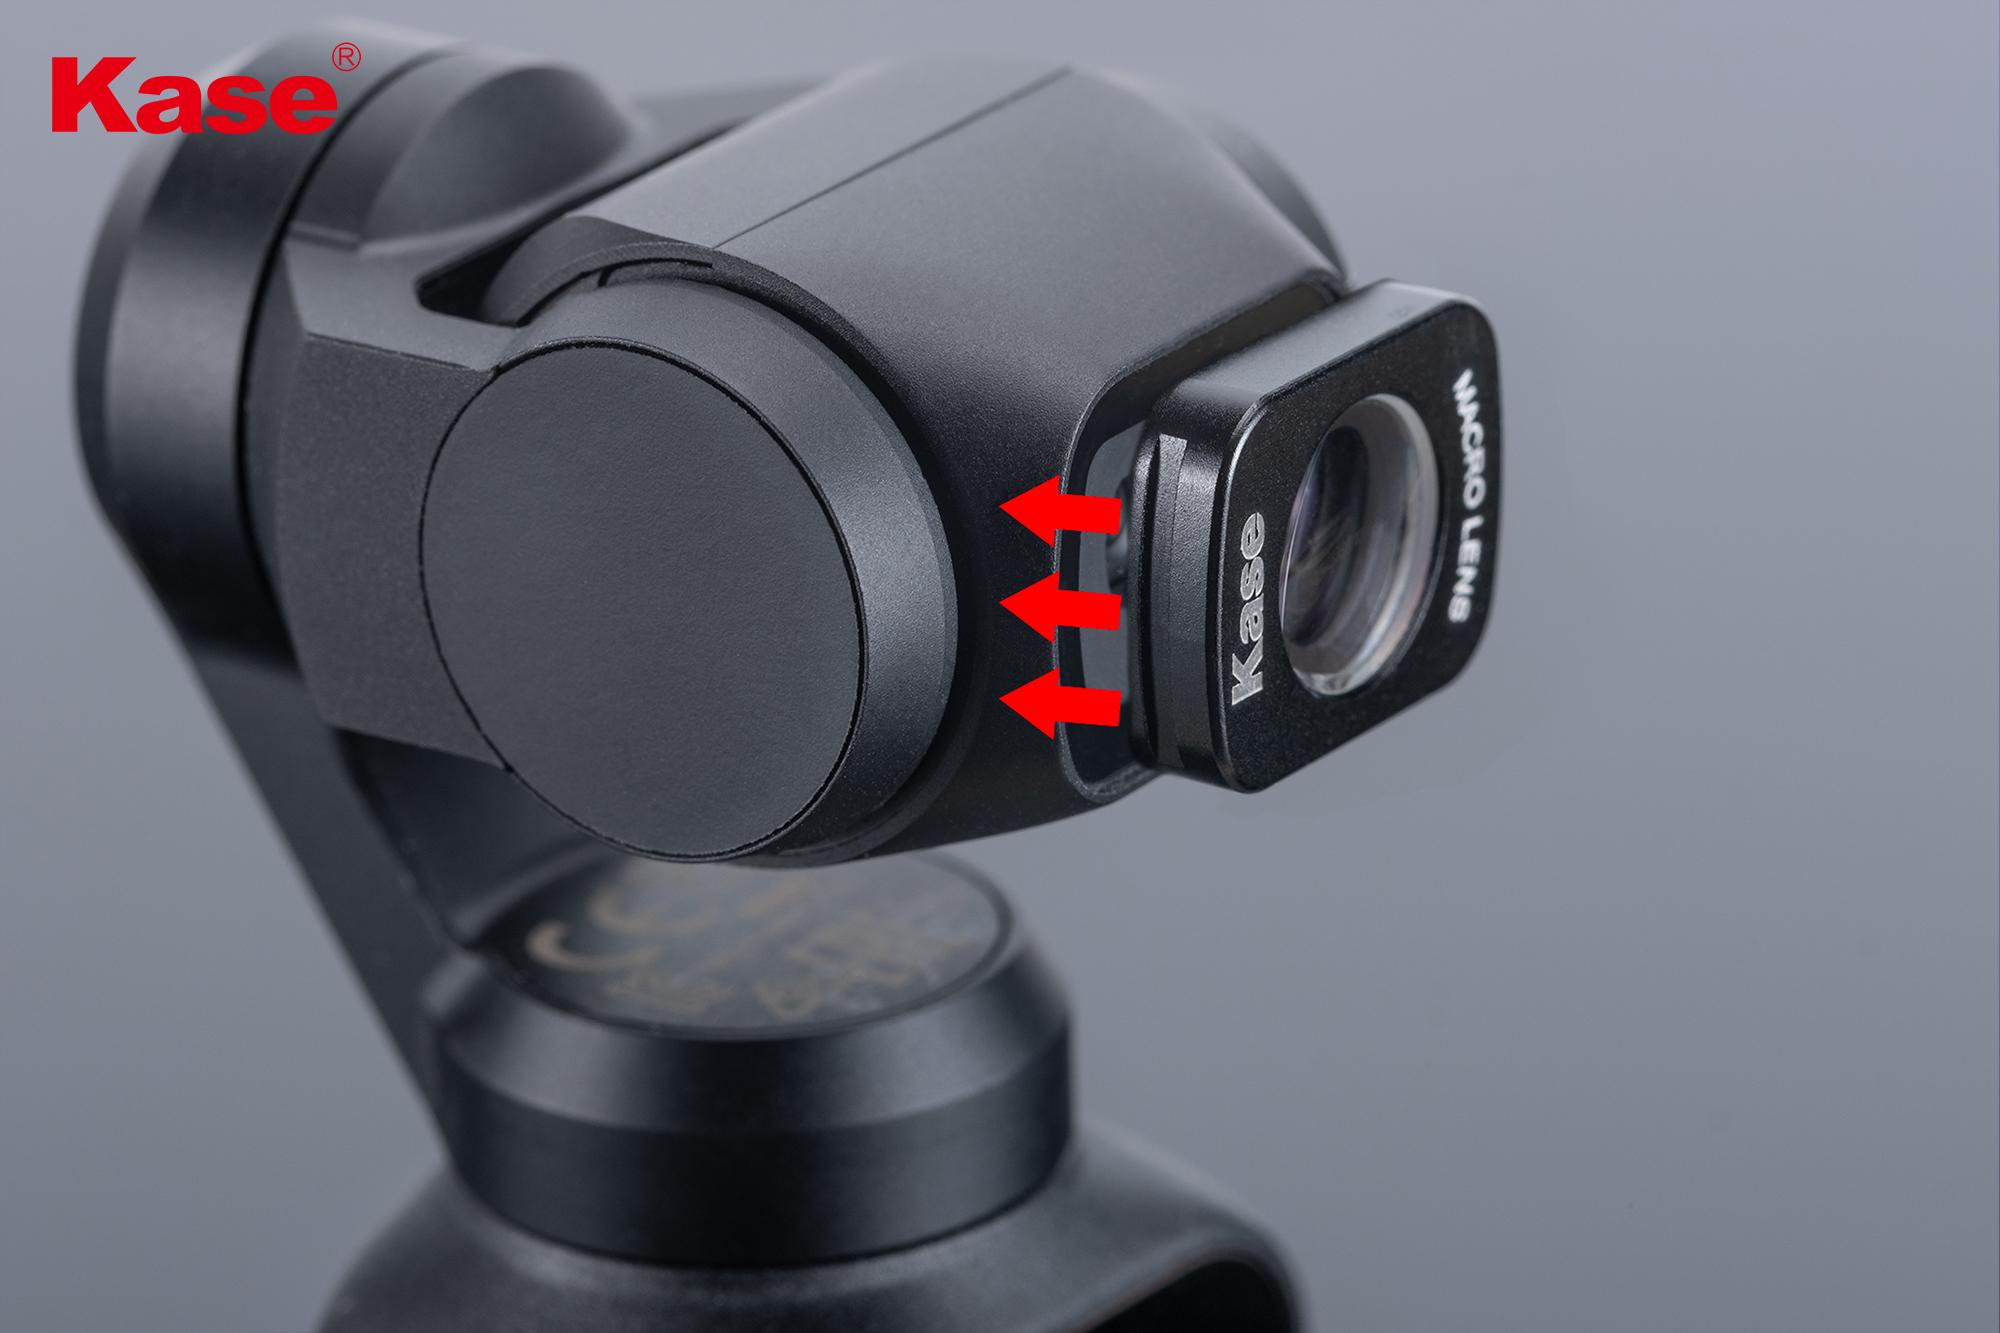 kase-macro-lens-4-.jpg